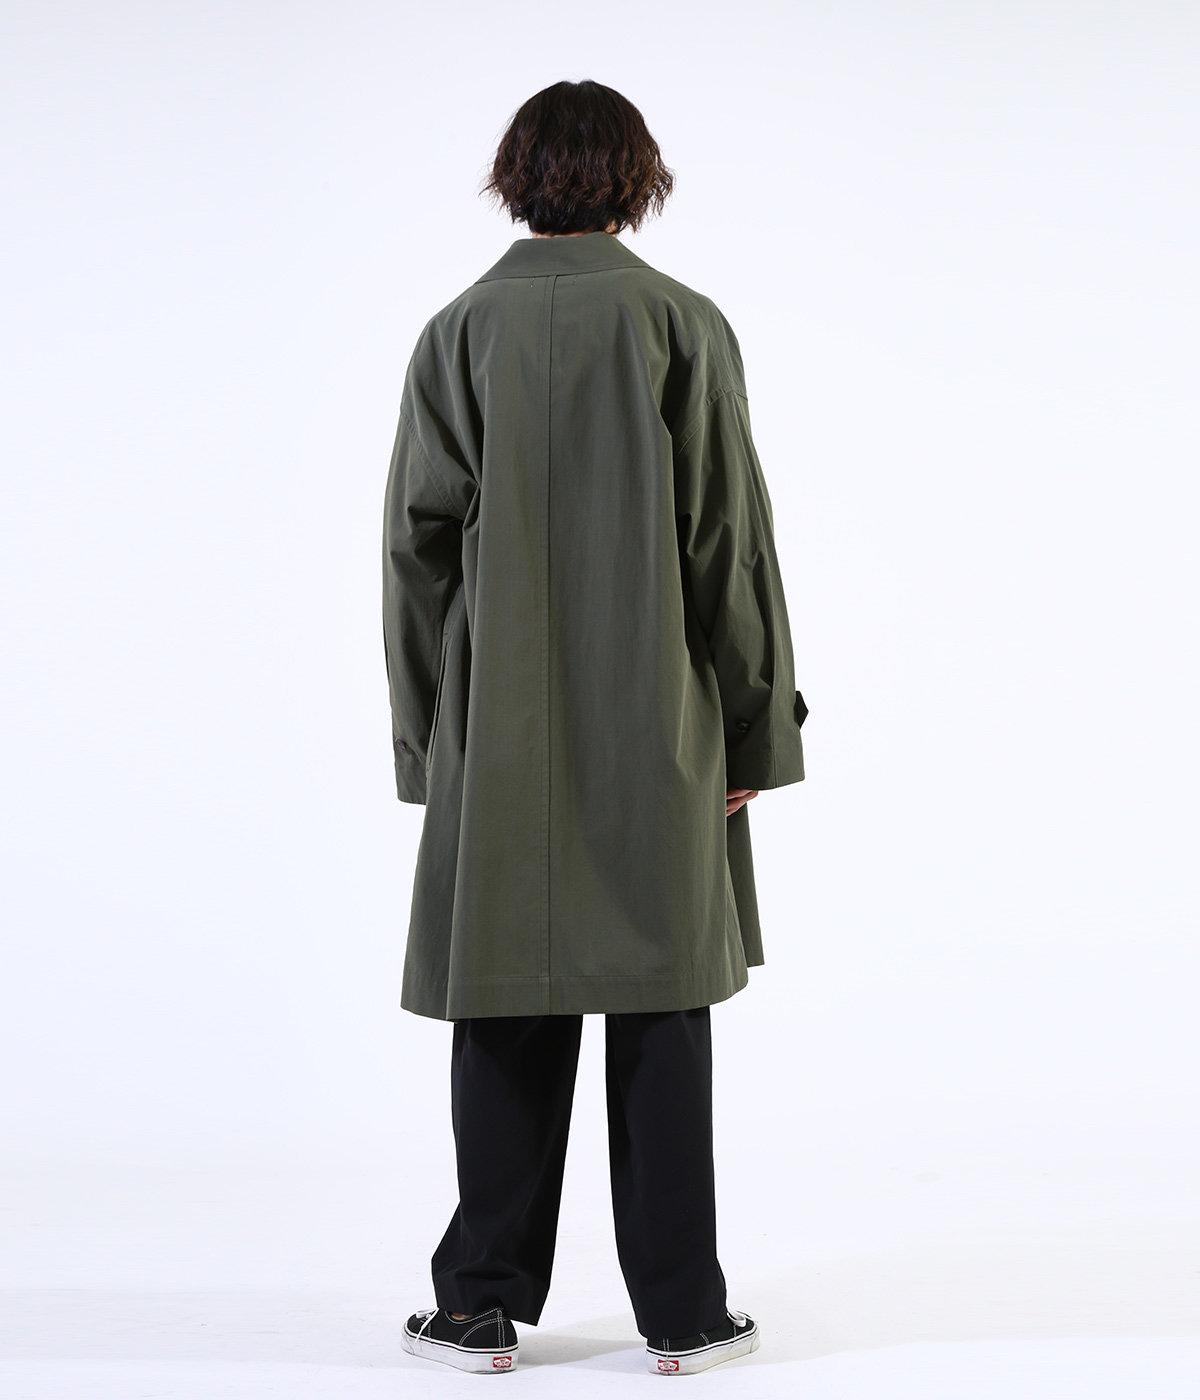 SHIRT COAT - 100/2 gv twill -